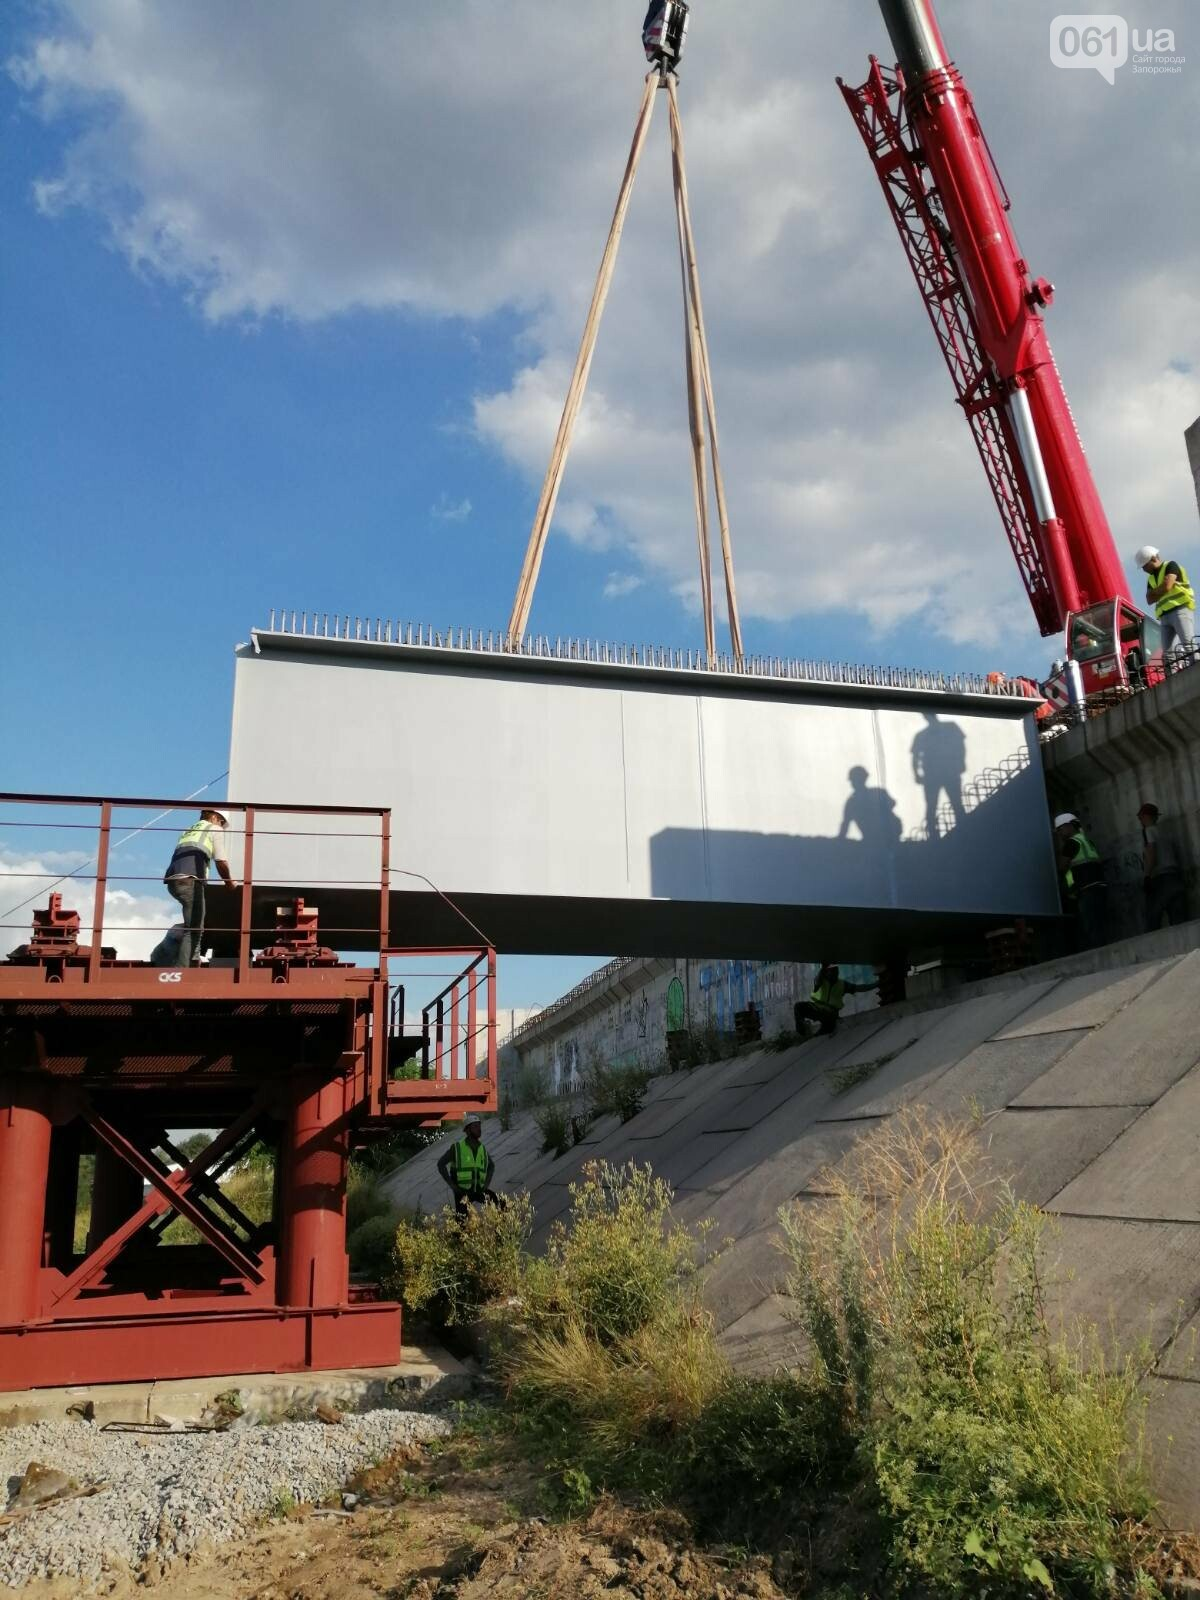 В Запорожье полным ходом идут монтажные работы на мостах через Днепр, - ФОТО, фото-4